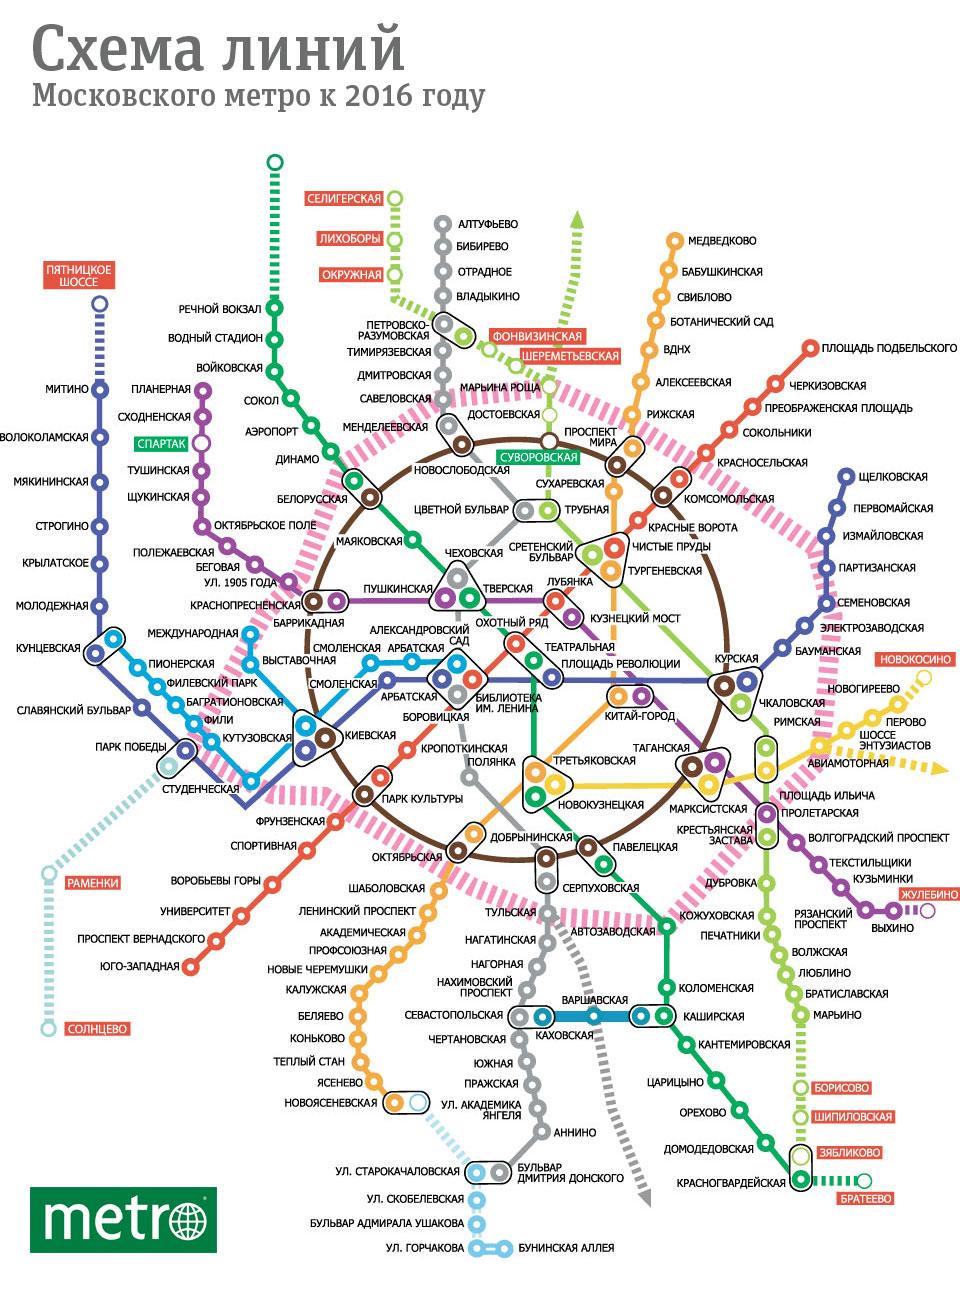 A quoi ressemblera le Metro de Moscou dans 5 ans? – En Russie